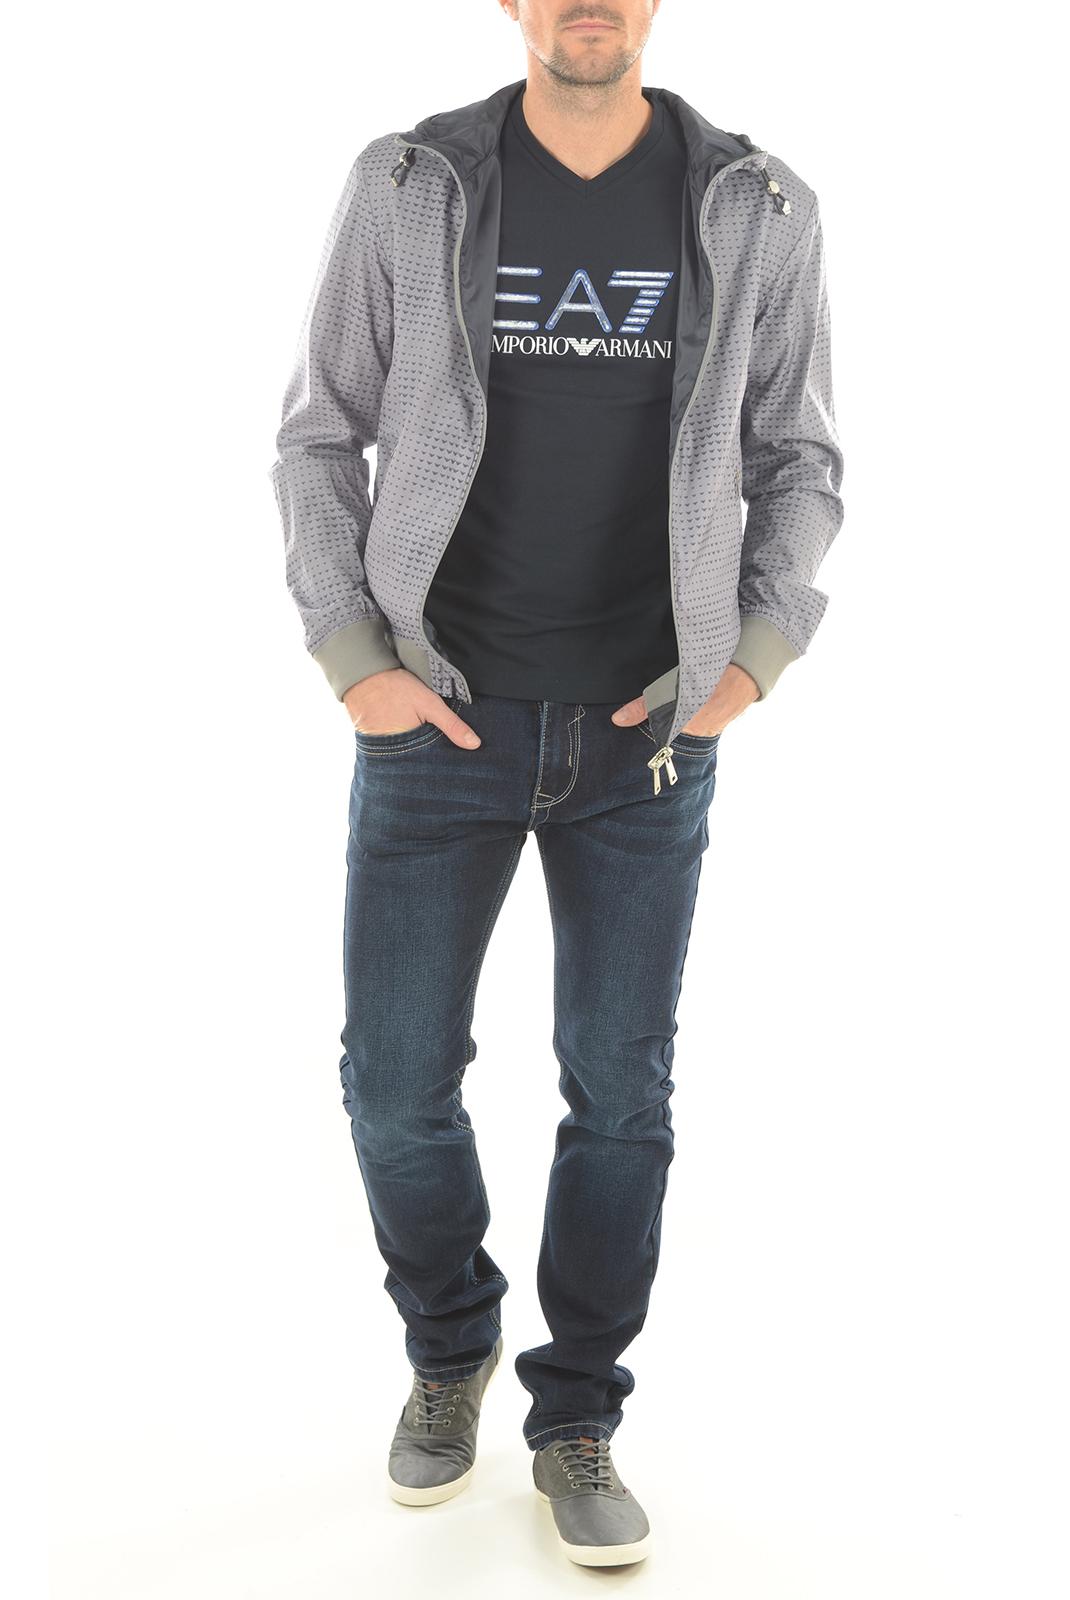 HOMME  Armani jeans C6B77 UJ KE gris imprimé, bleu uni